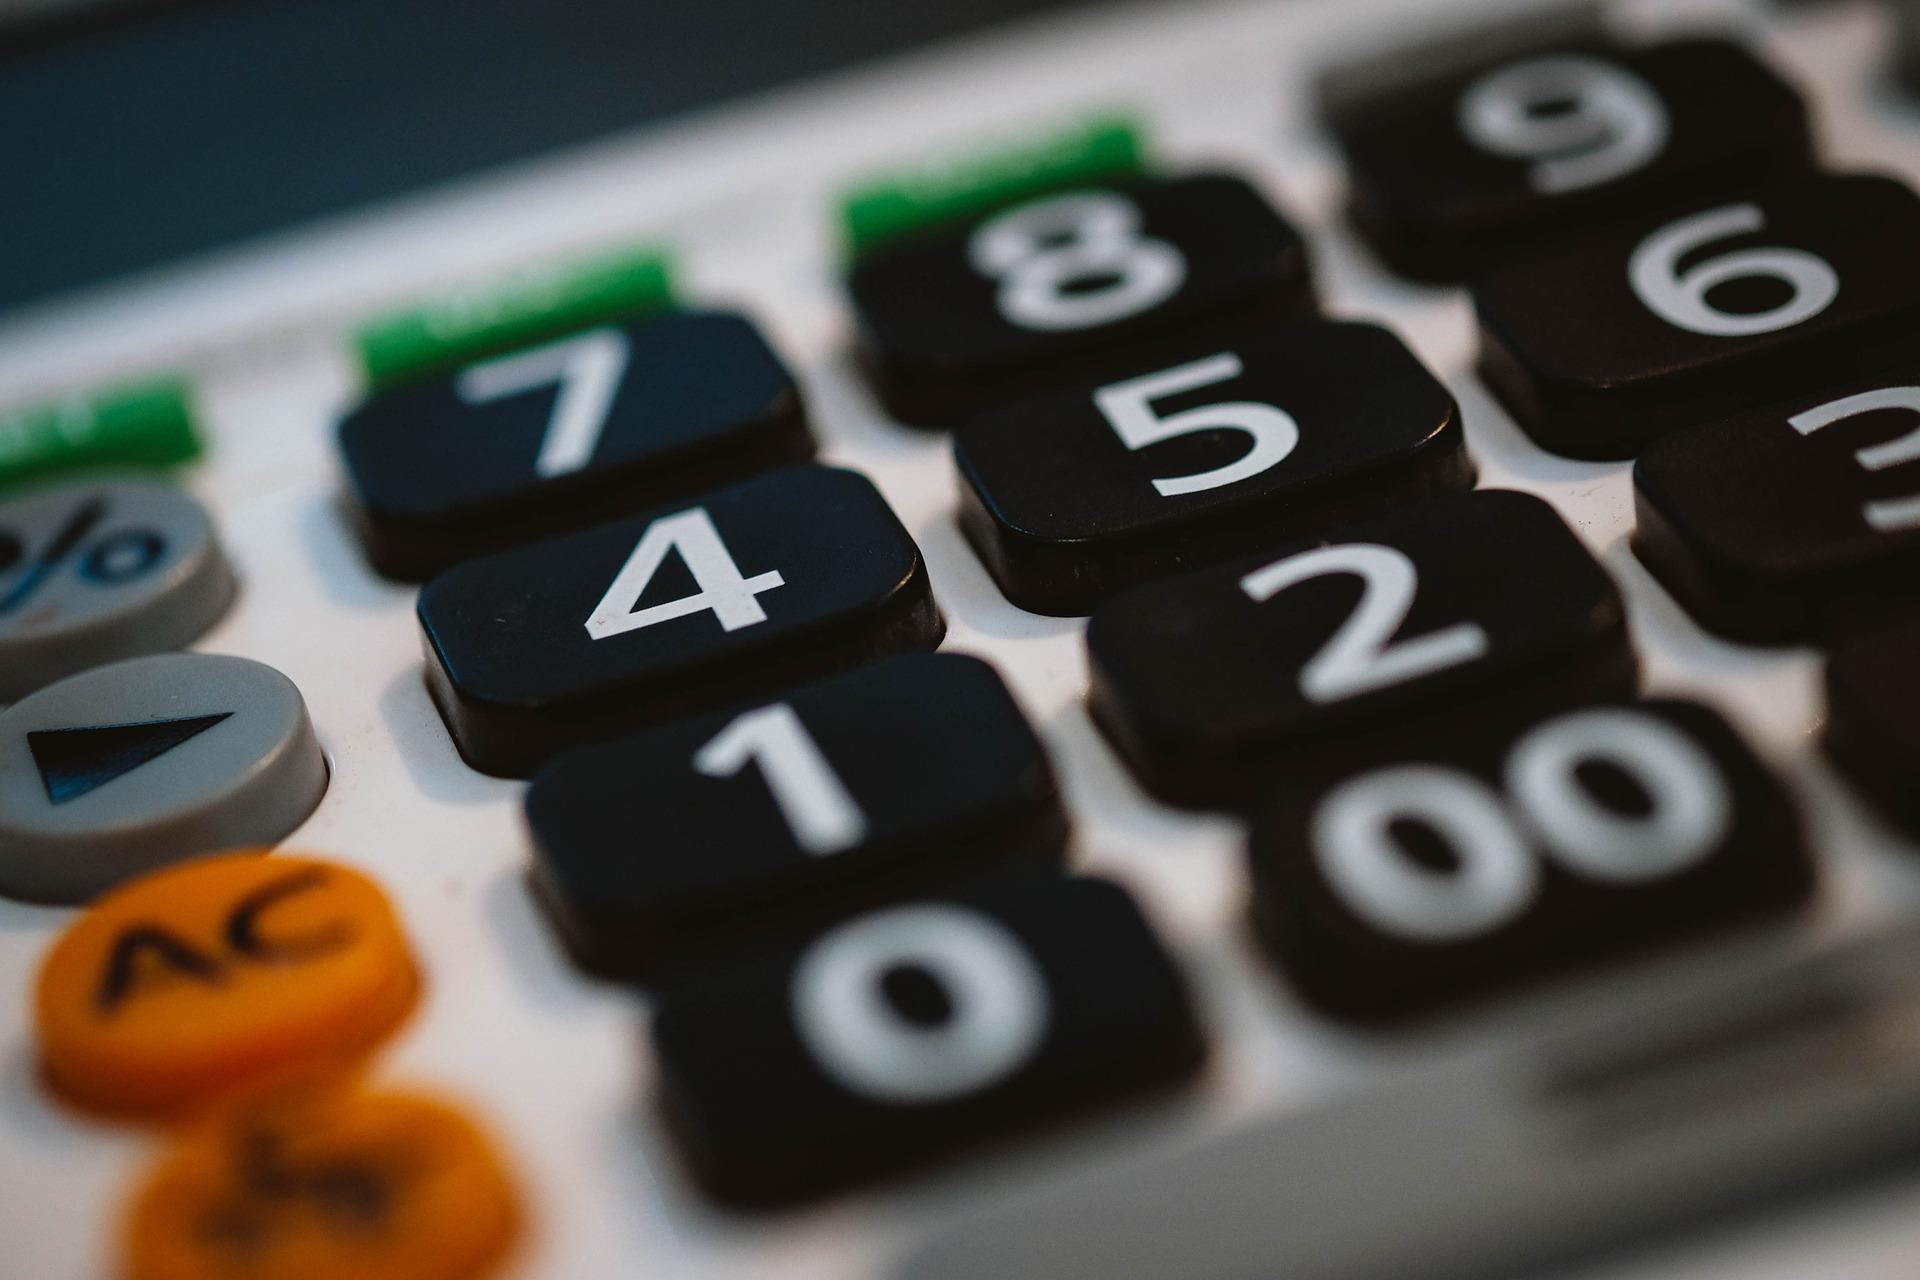 Reforma tributária: precisamos escolher a menos ruim